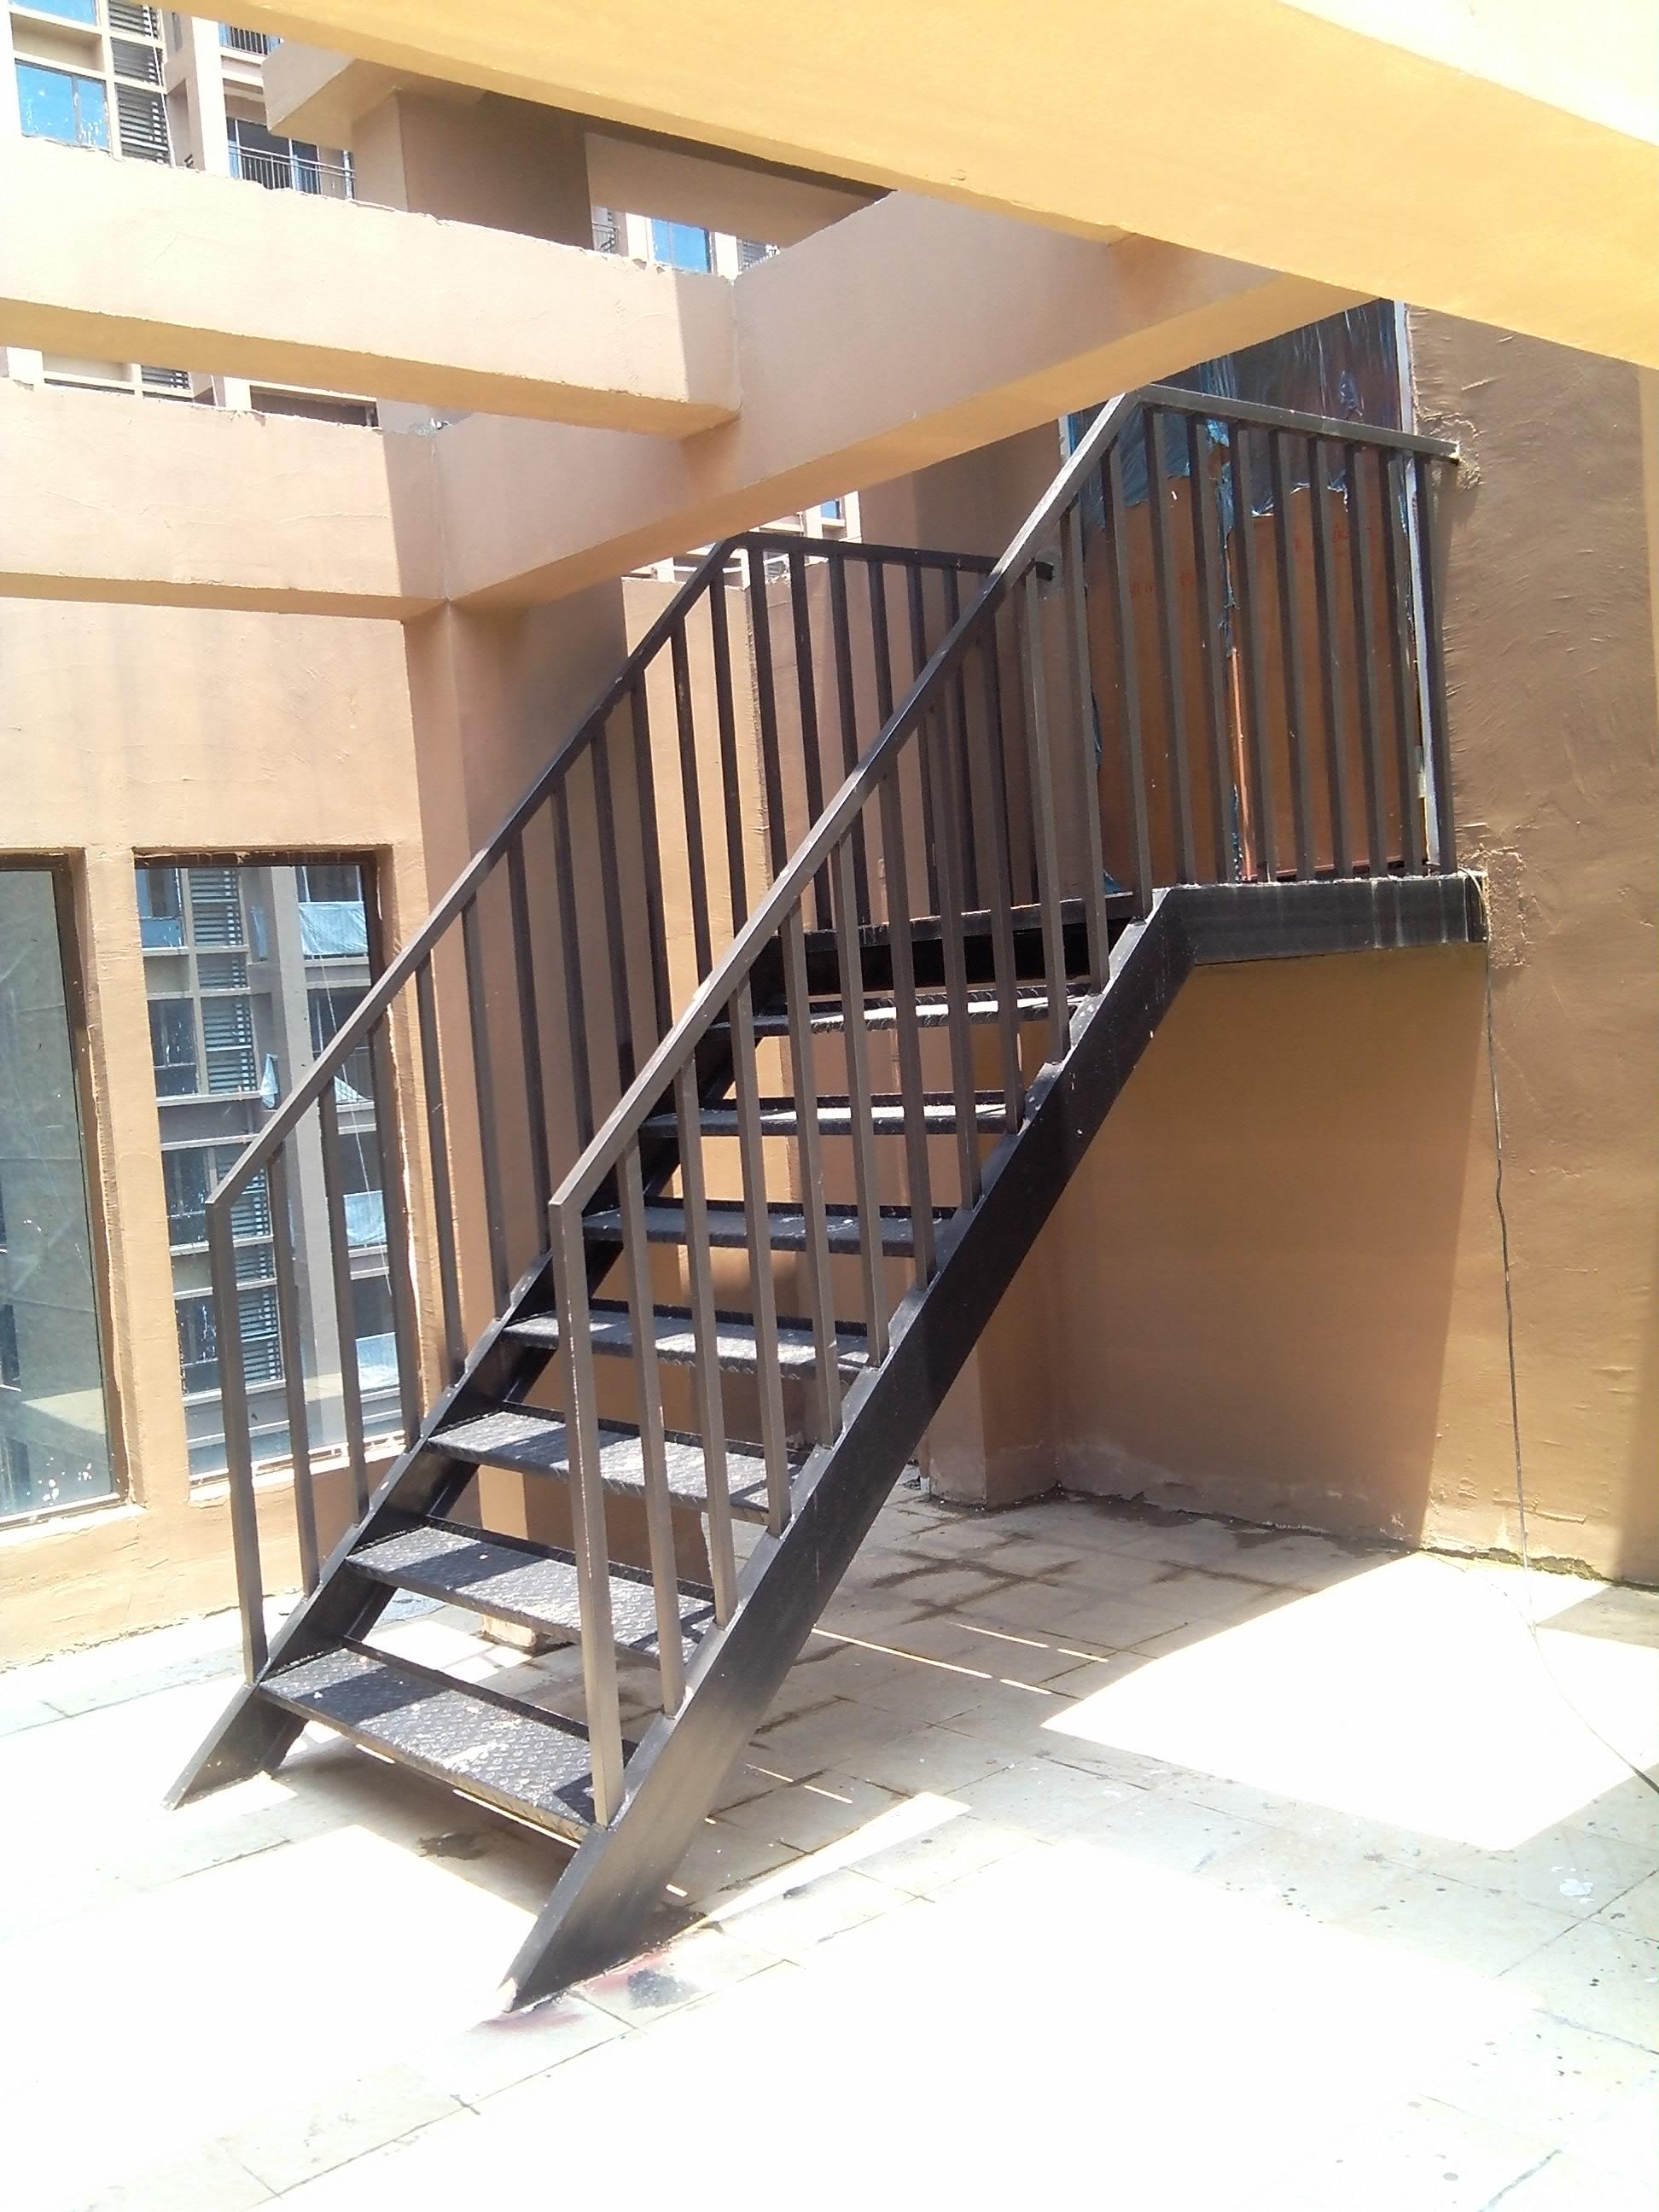 江西南昌钢梯生产厂家安装报价电话 钢梯定制 钢梯供应商哪家好